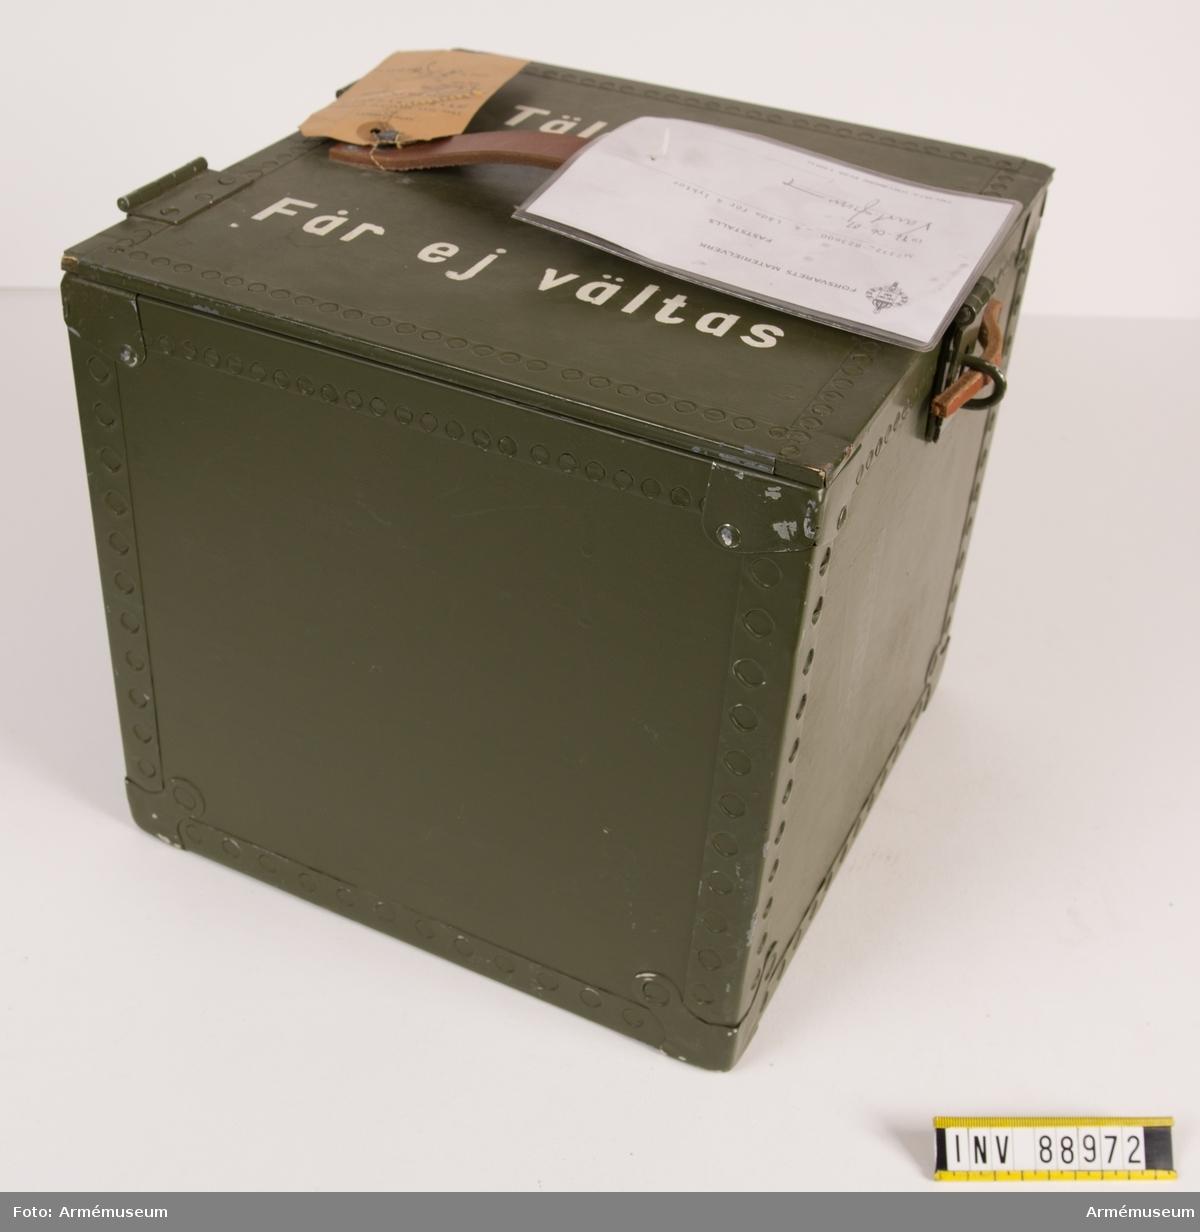 """Låda med 4 fack för tältlyktor. Bärhandtag av läder på lockets ovansida, lås och beslag av järn. Märkt på ovansidan: Tältlyktor, får ej vältas. Vidhängande modellapp med text: """"Försvarets materielverk. Fastställs. M 7332-823600-4 Låda för 4 lyktor 1986-06-01. (oläslig underskrift)."""""""